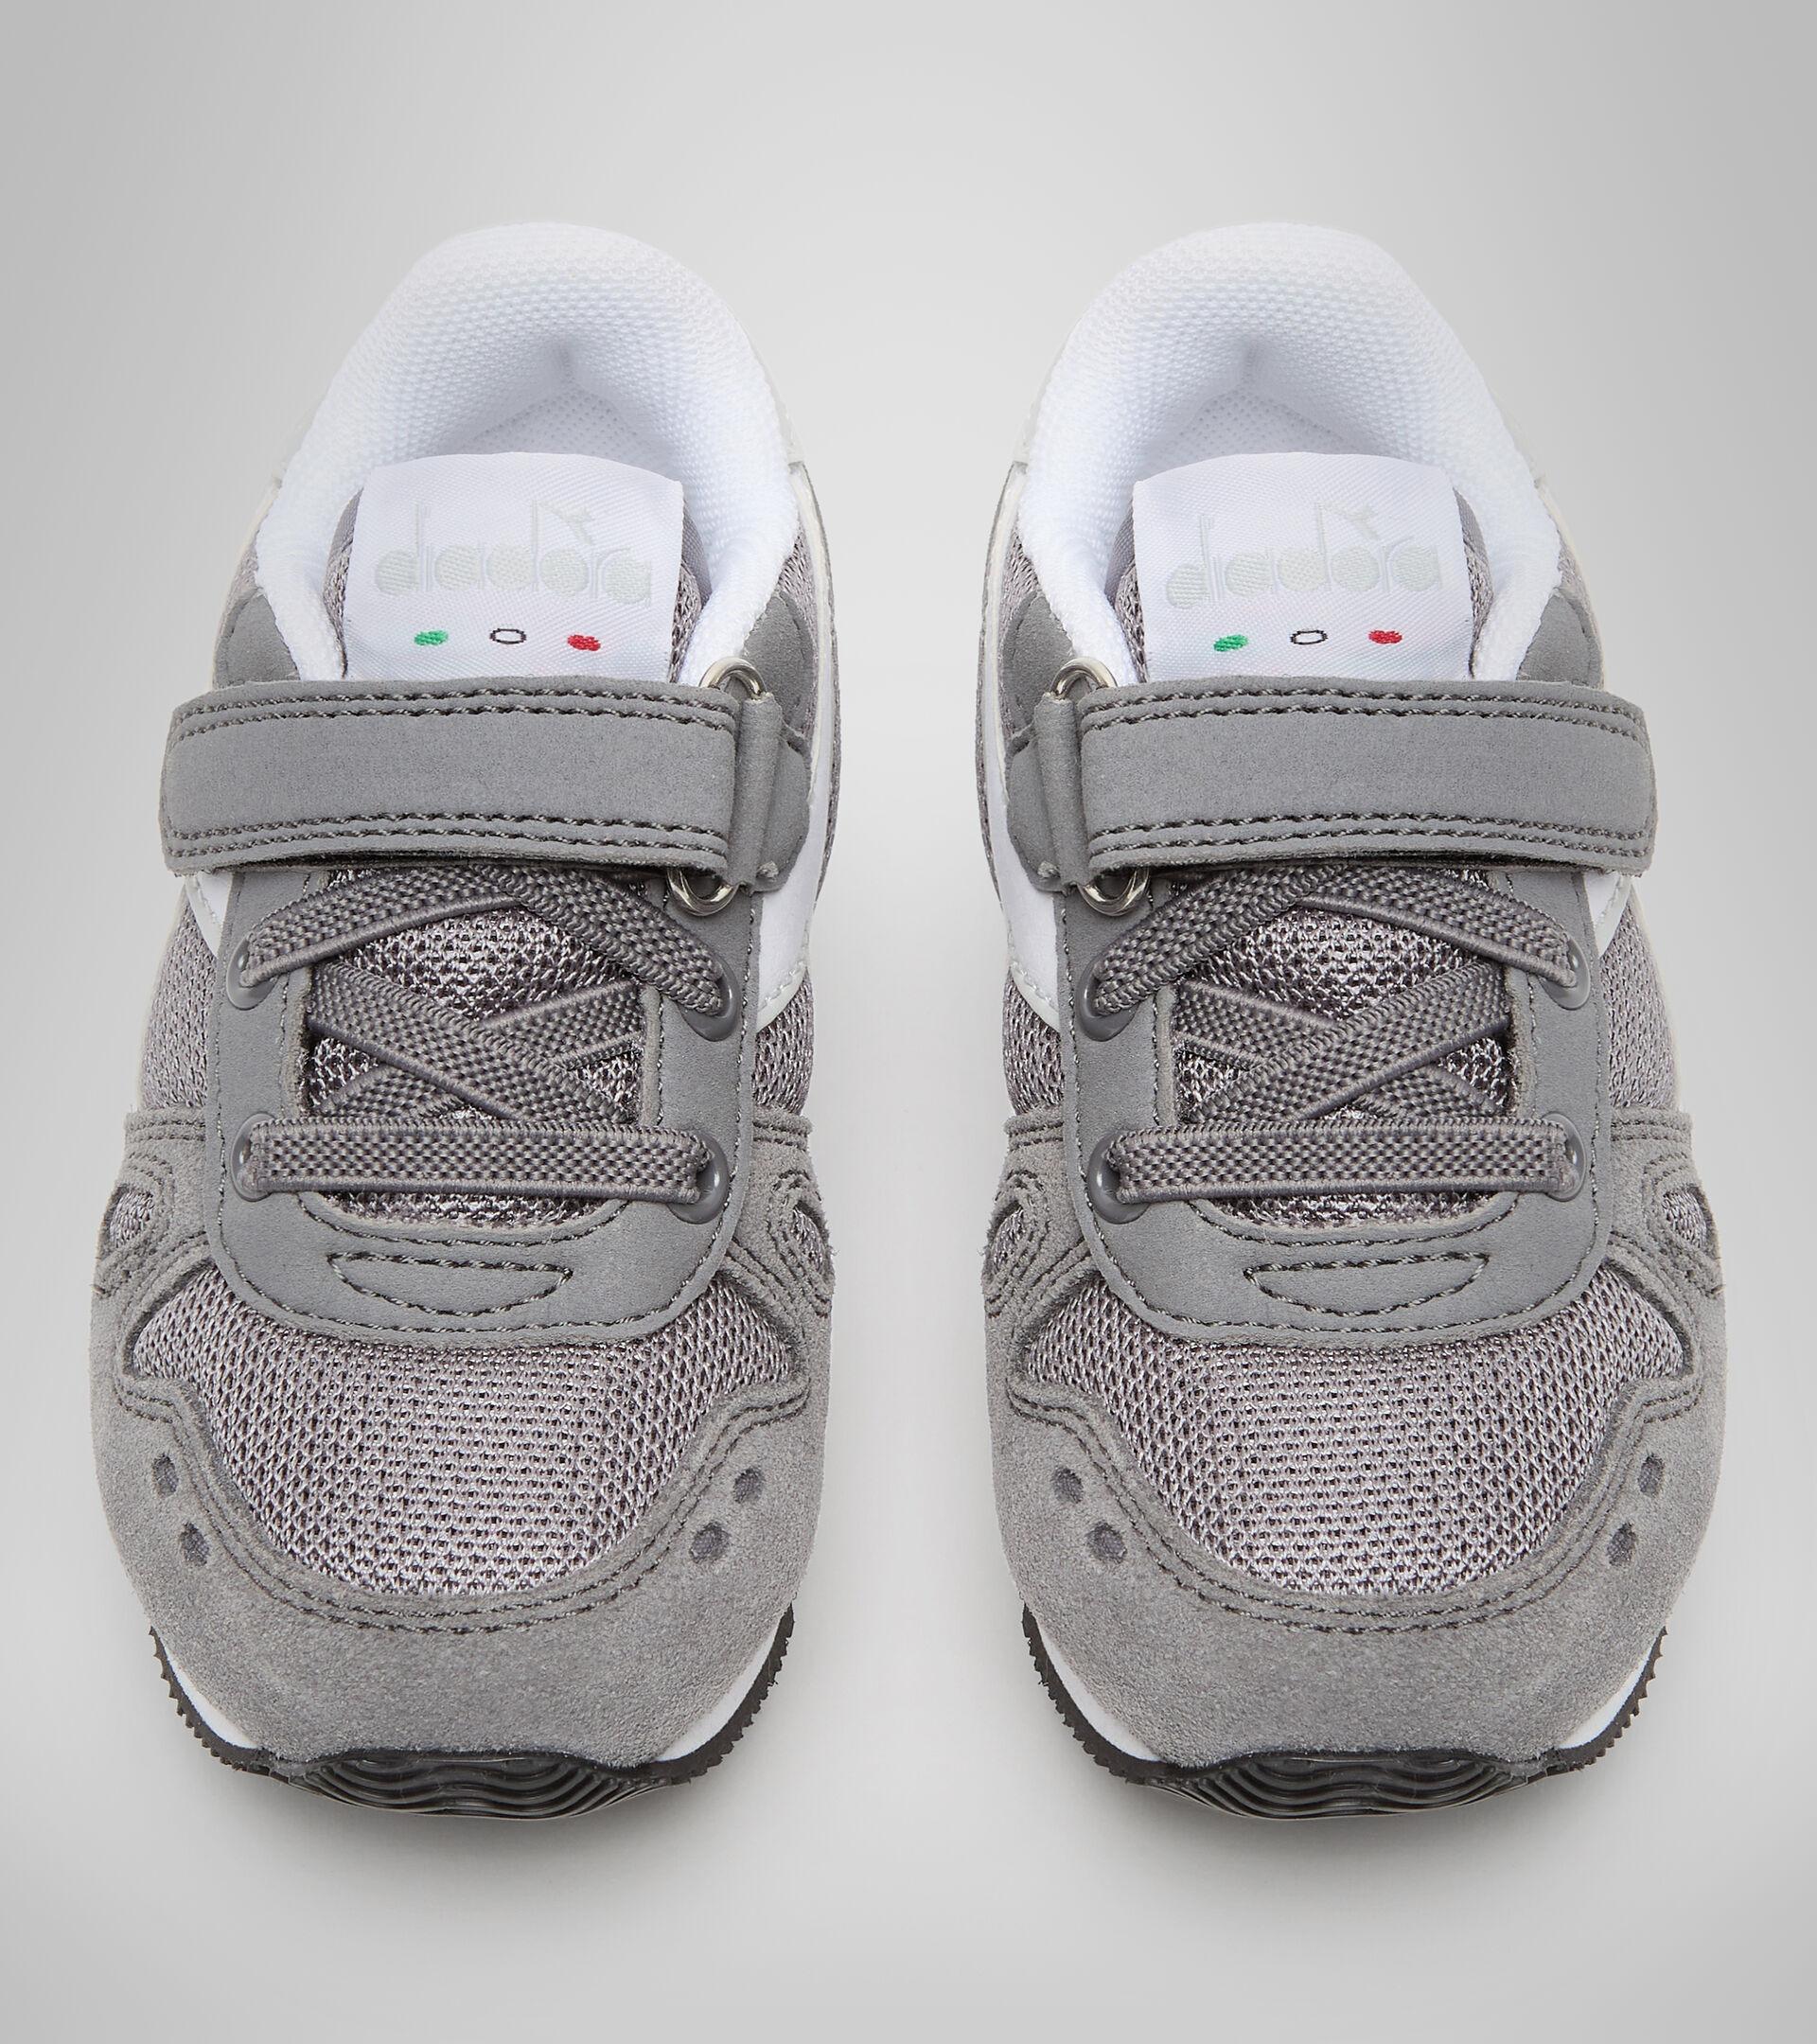 Zapatilla deportiva - Niños pequeños 1-4 años SIMPLE RUN TD GRIS ACERO - Diadora